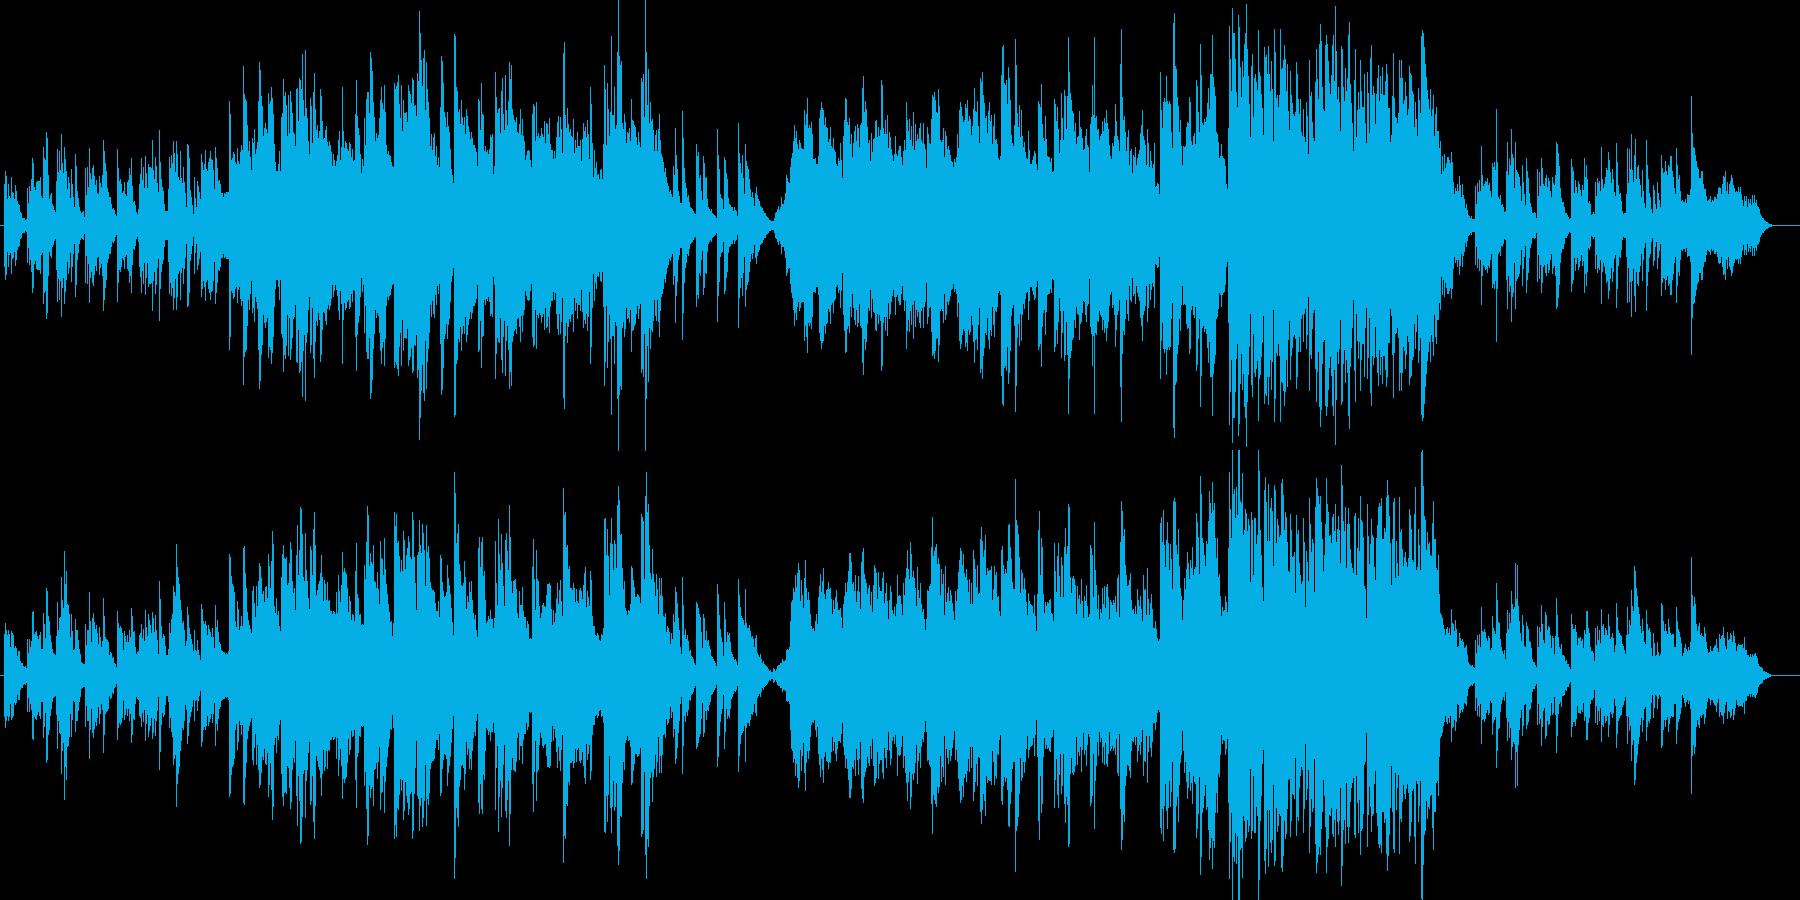 美しいピアノメロディーの再生済みの波形